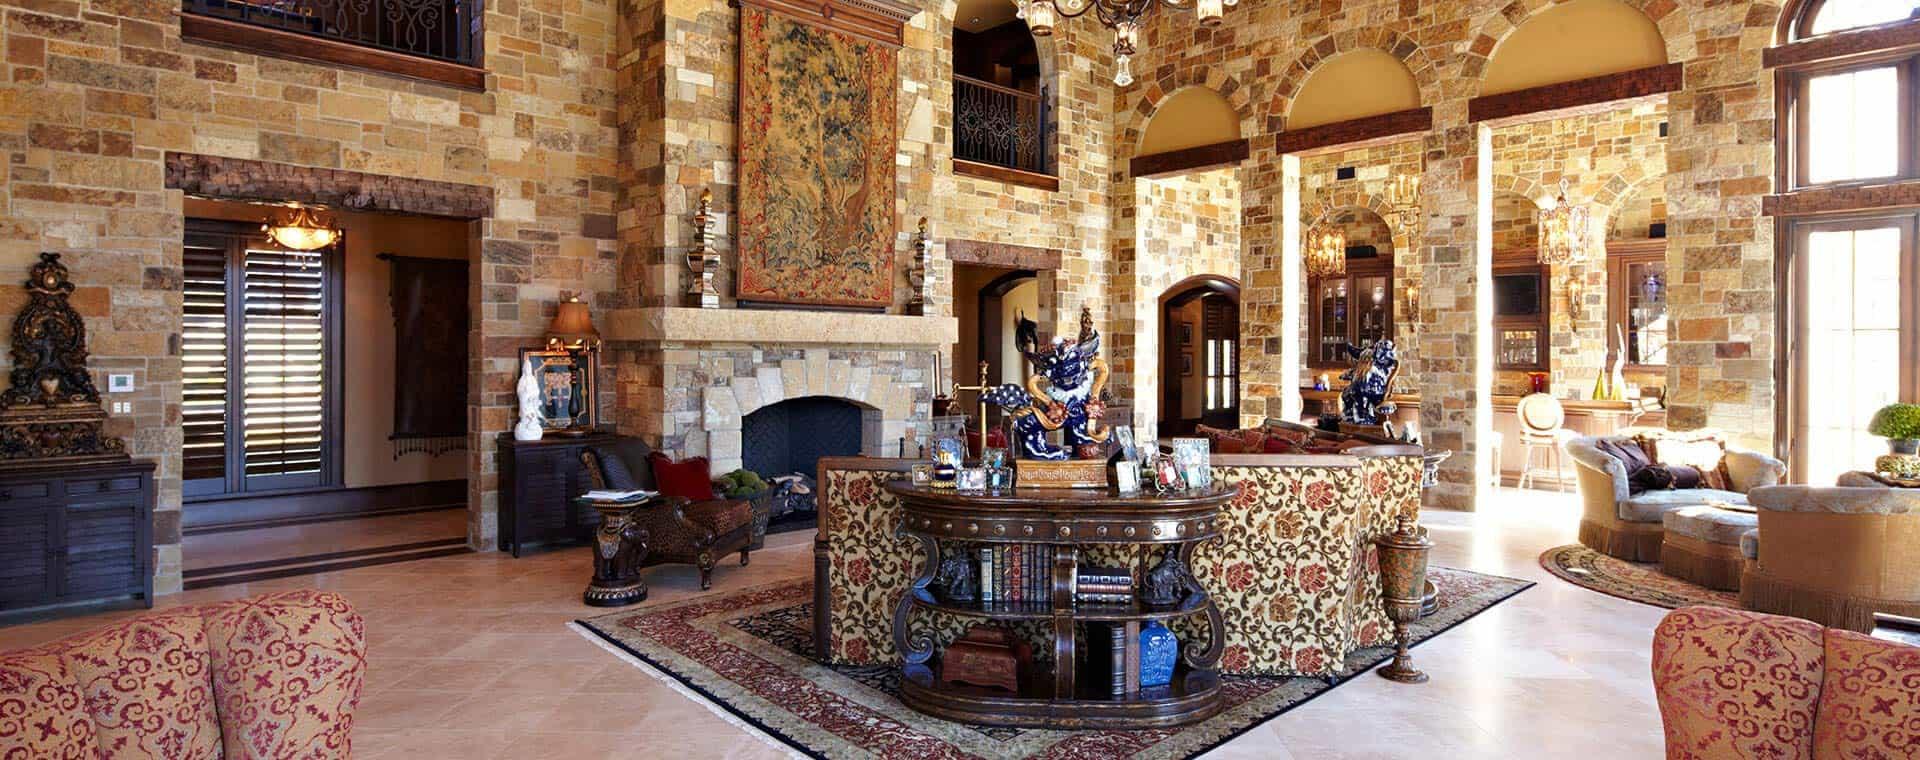 Living room area of a home designed by Custom Home Builder Sam Vercher